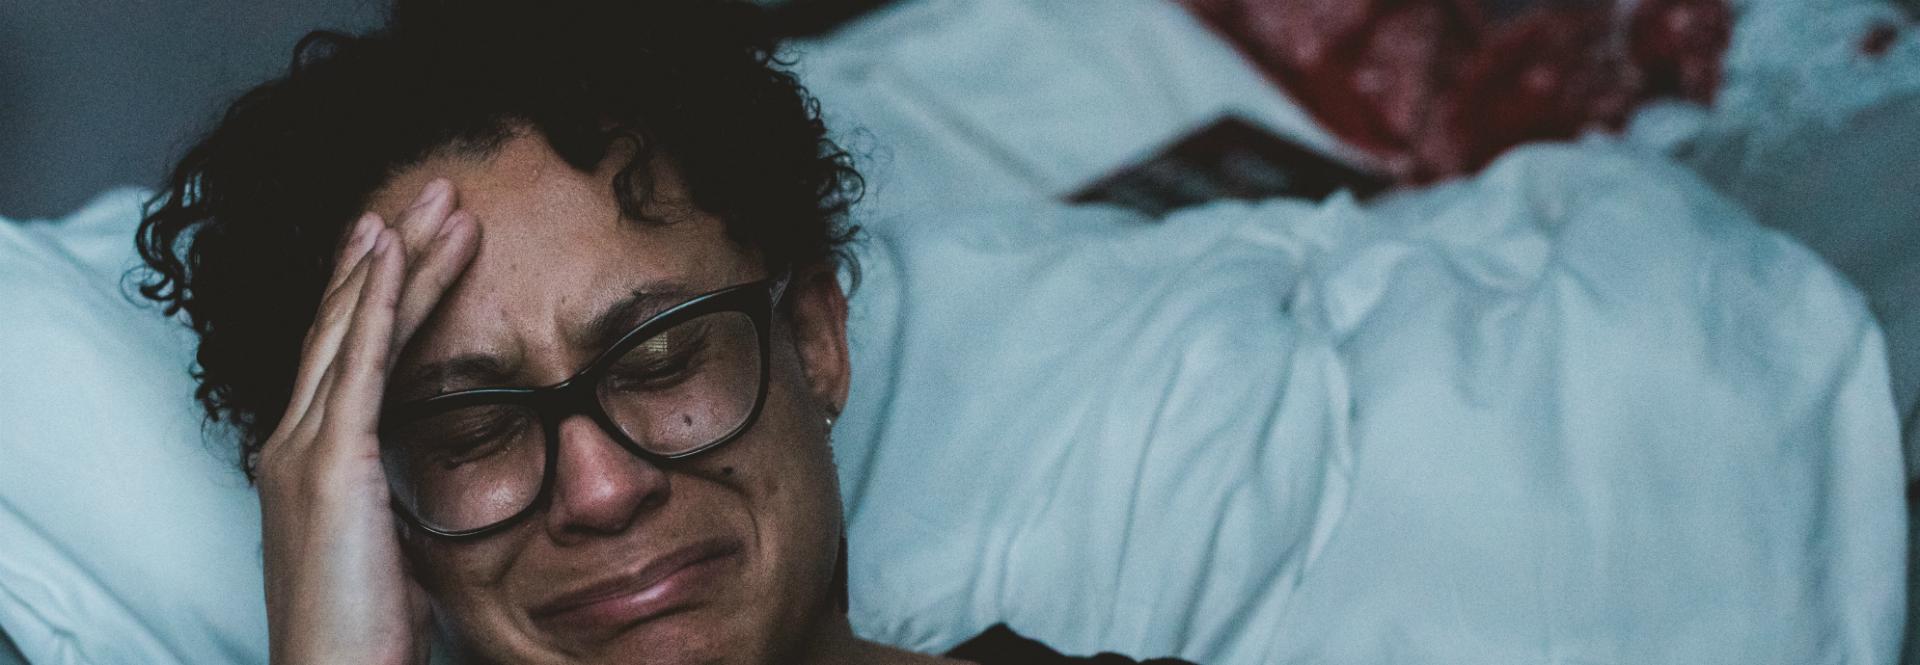 ¿Cuáles son las razones de la depresión posparto?